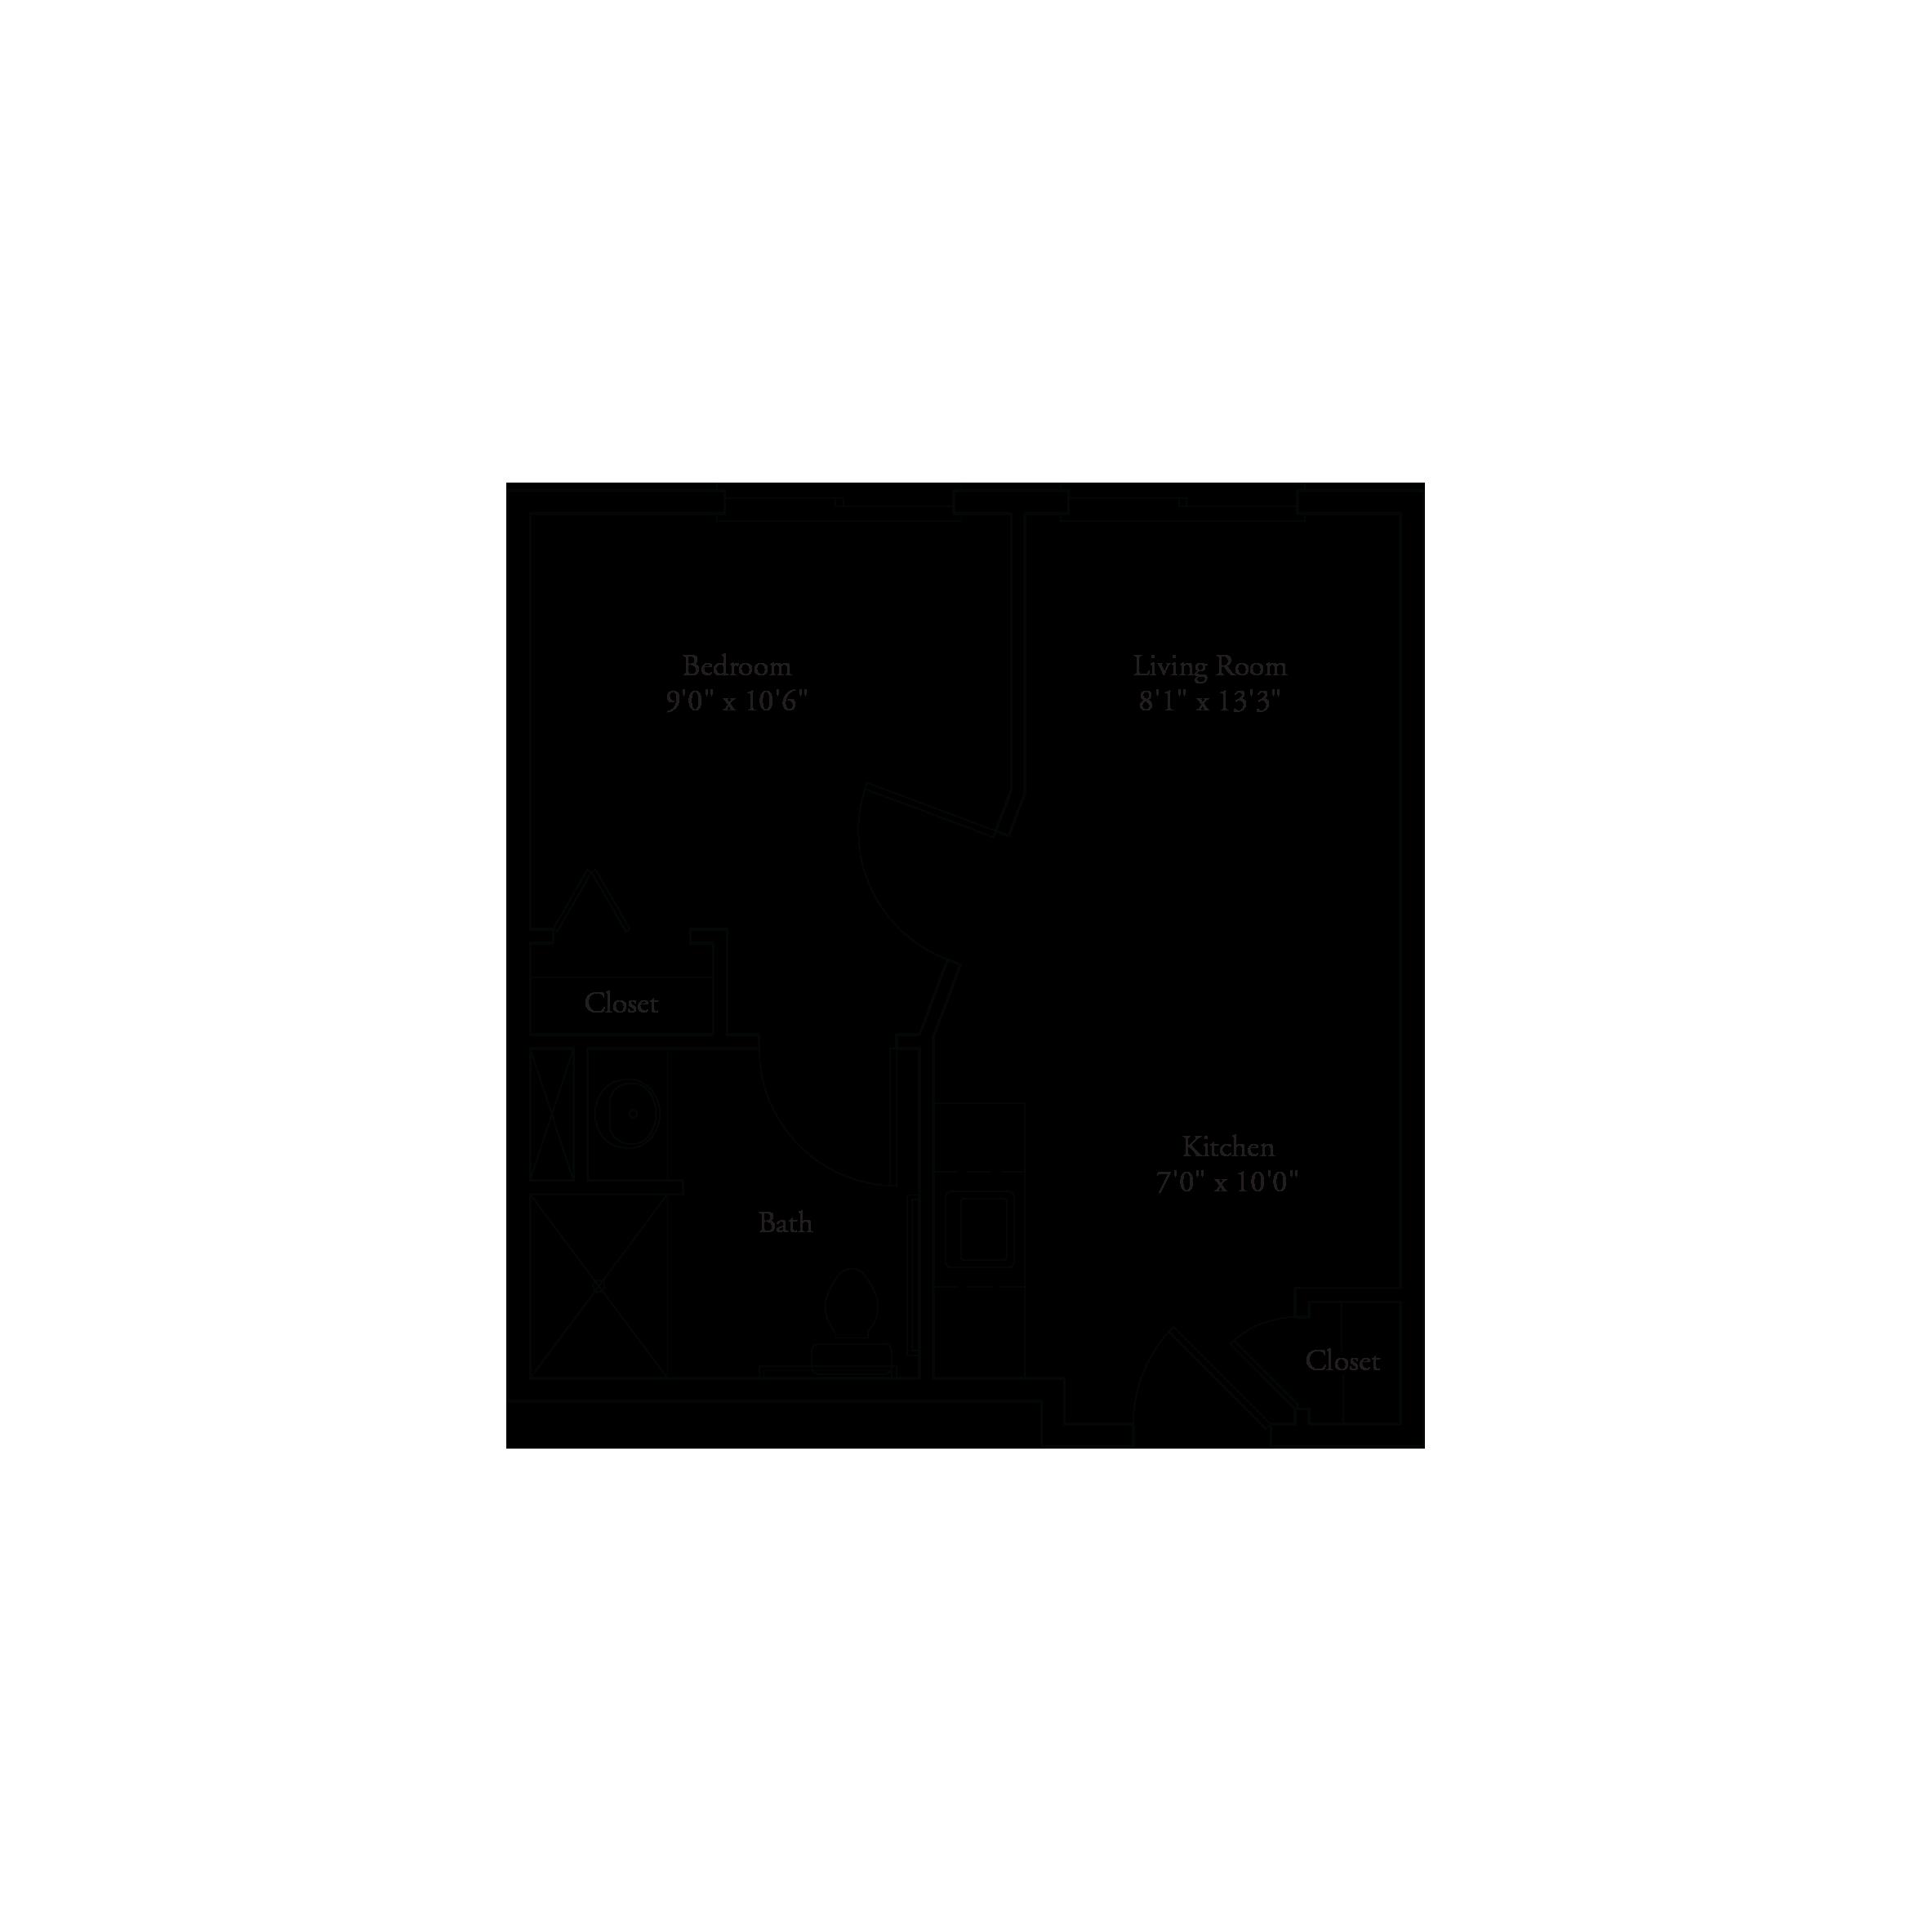 391-400 Sq Ft Floor Plan